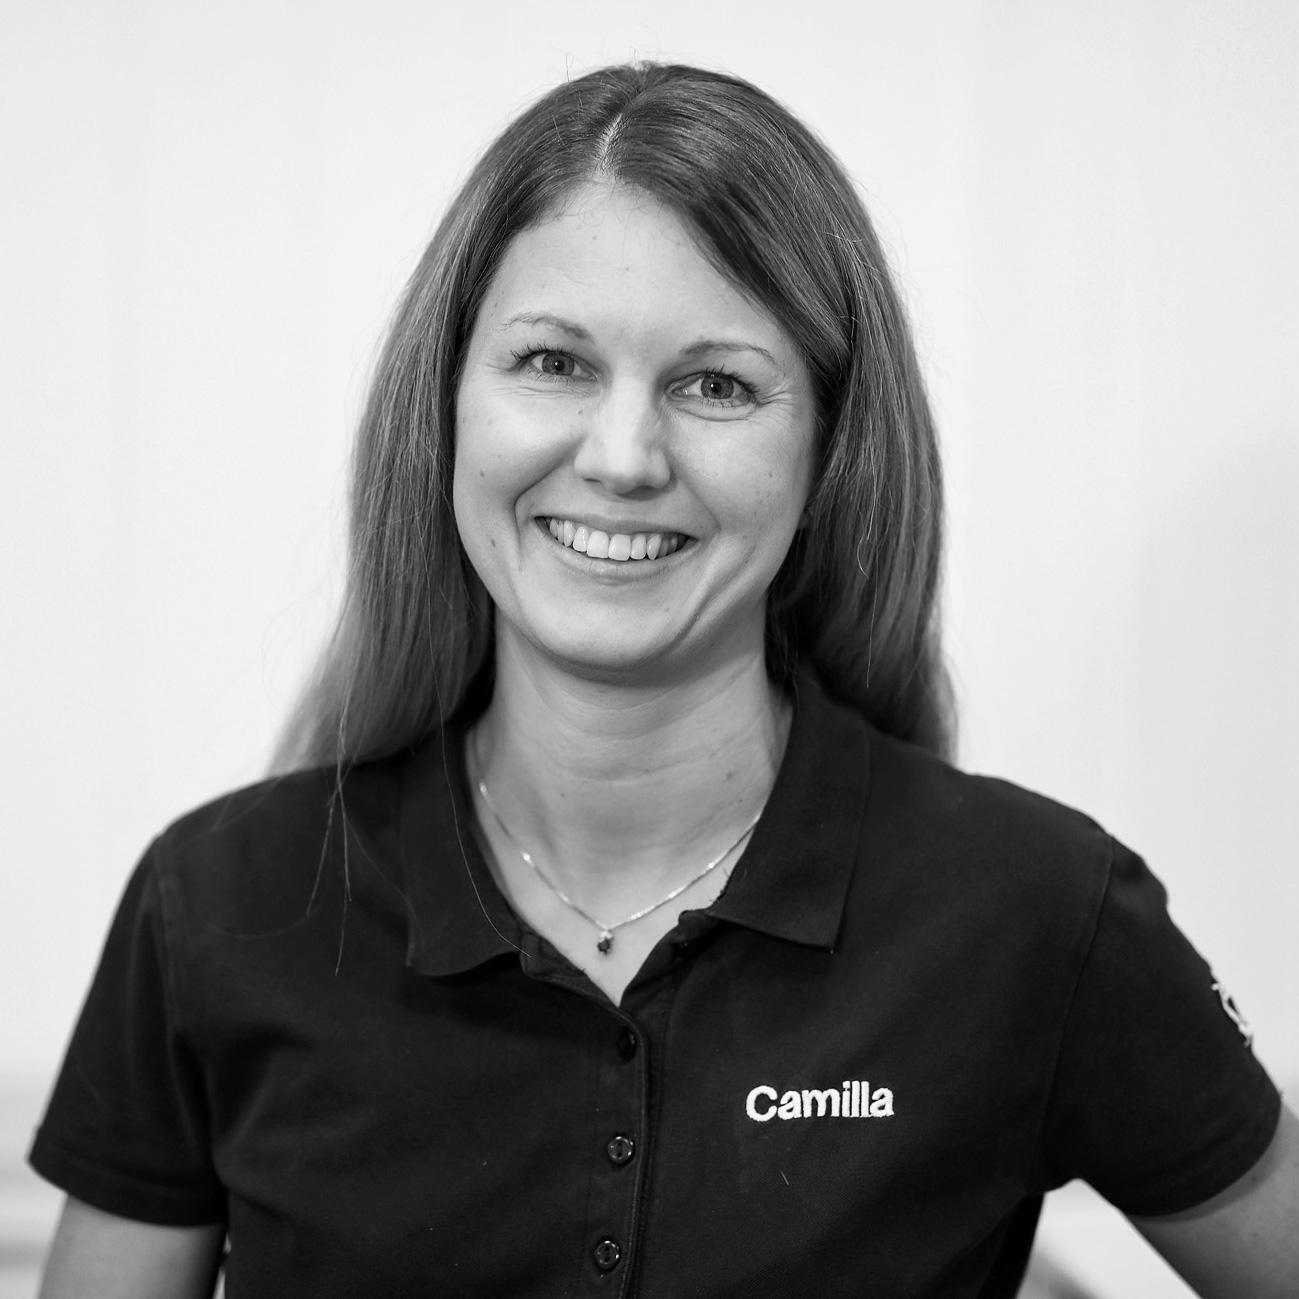 Camilla Eklind